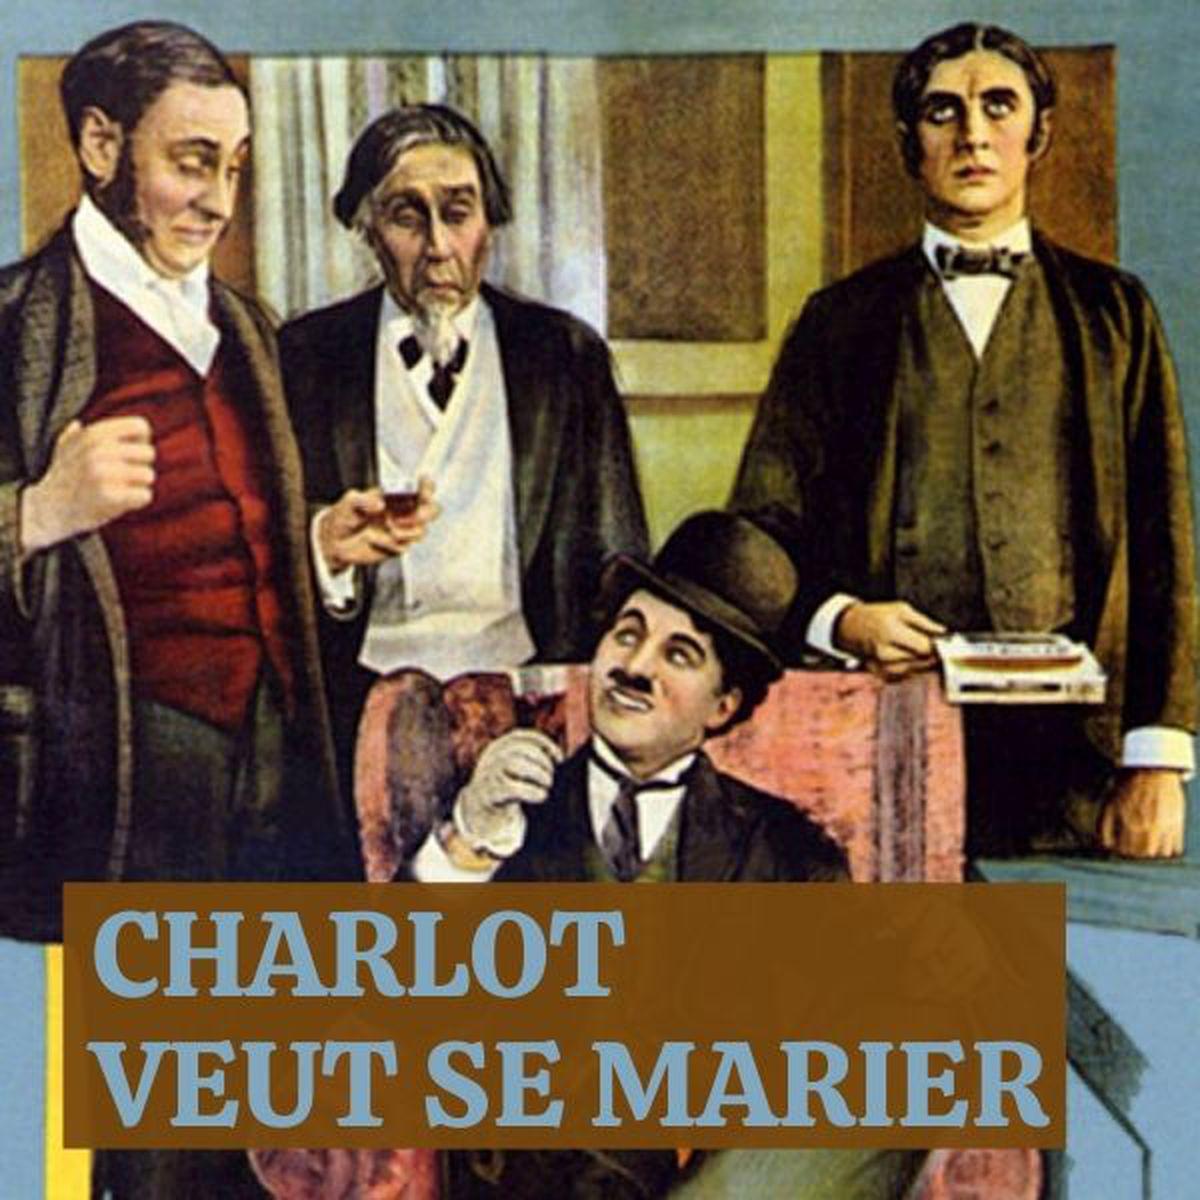 Charlot veut se marier  